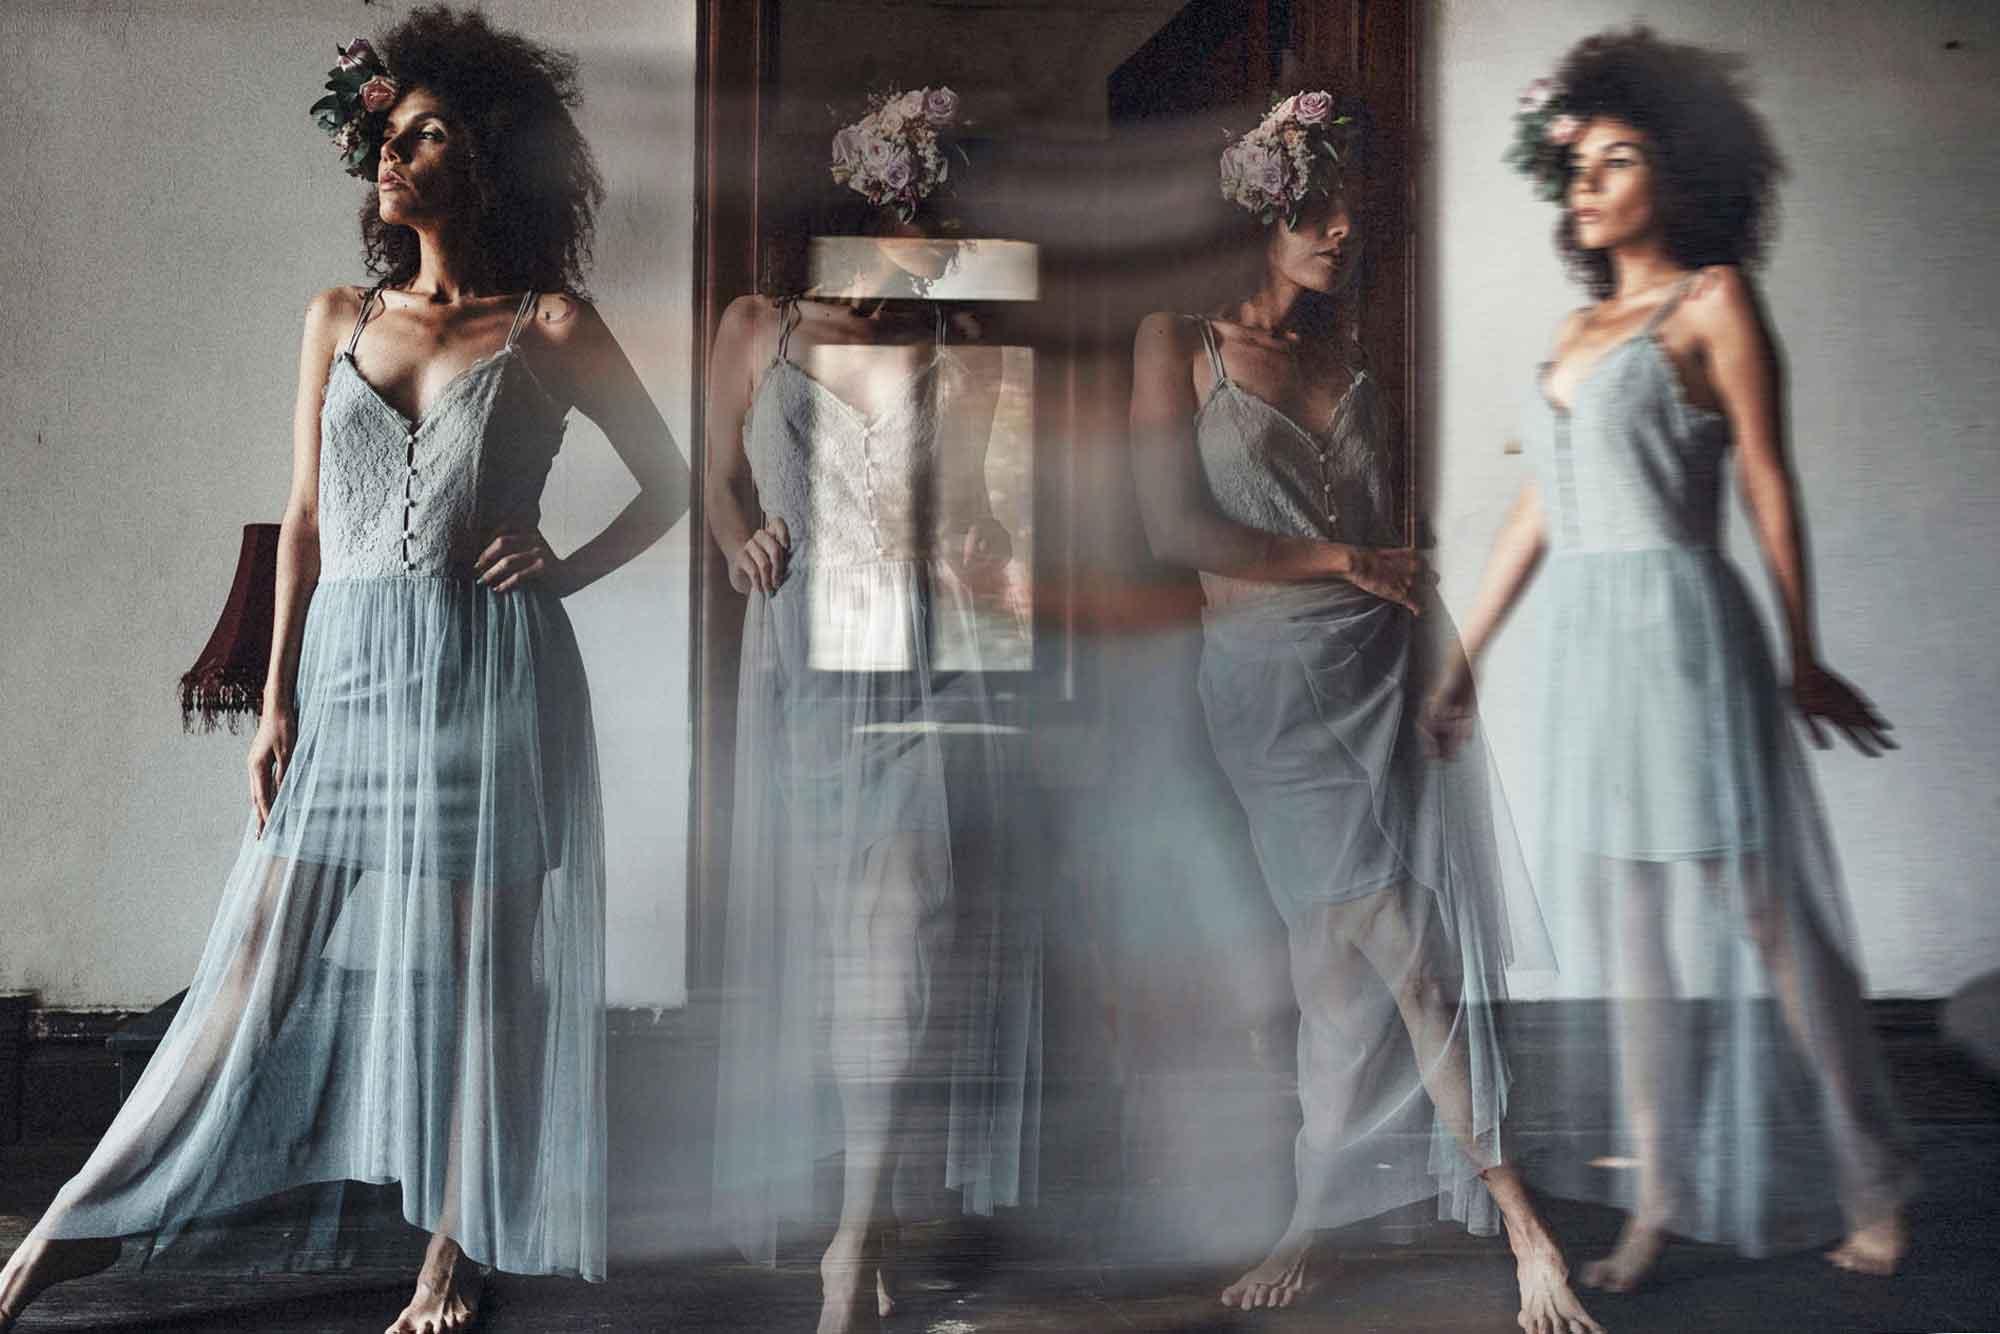 elena-barbosa--light-walkers-photografilm--workshops-cursos-de-fotografia-fotofest--saltillo-coahuila--mx4